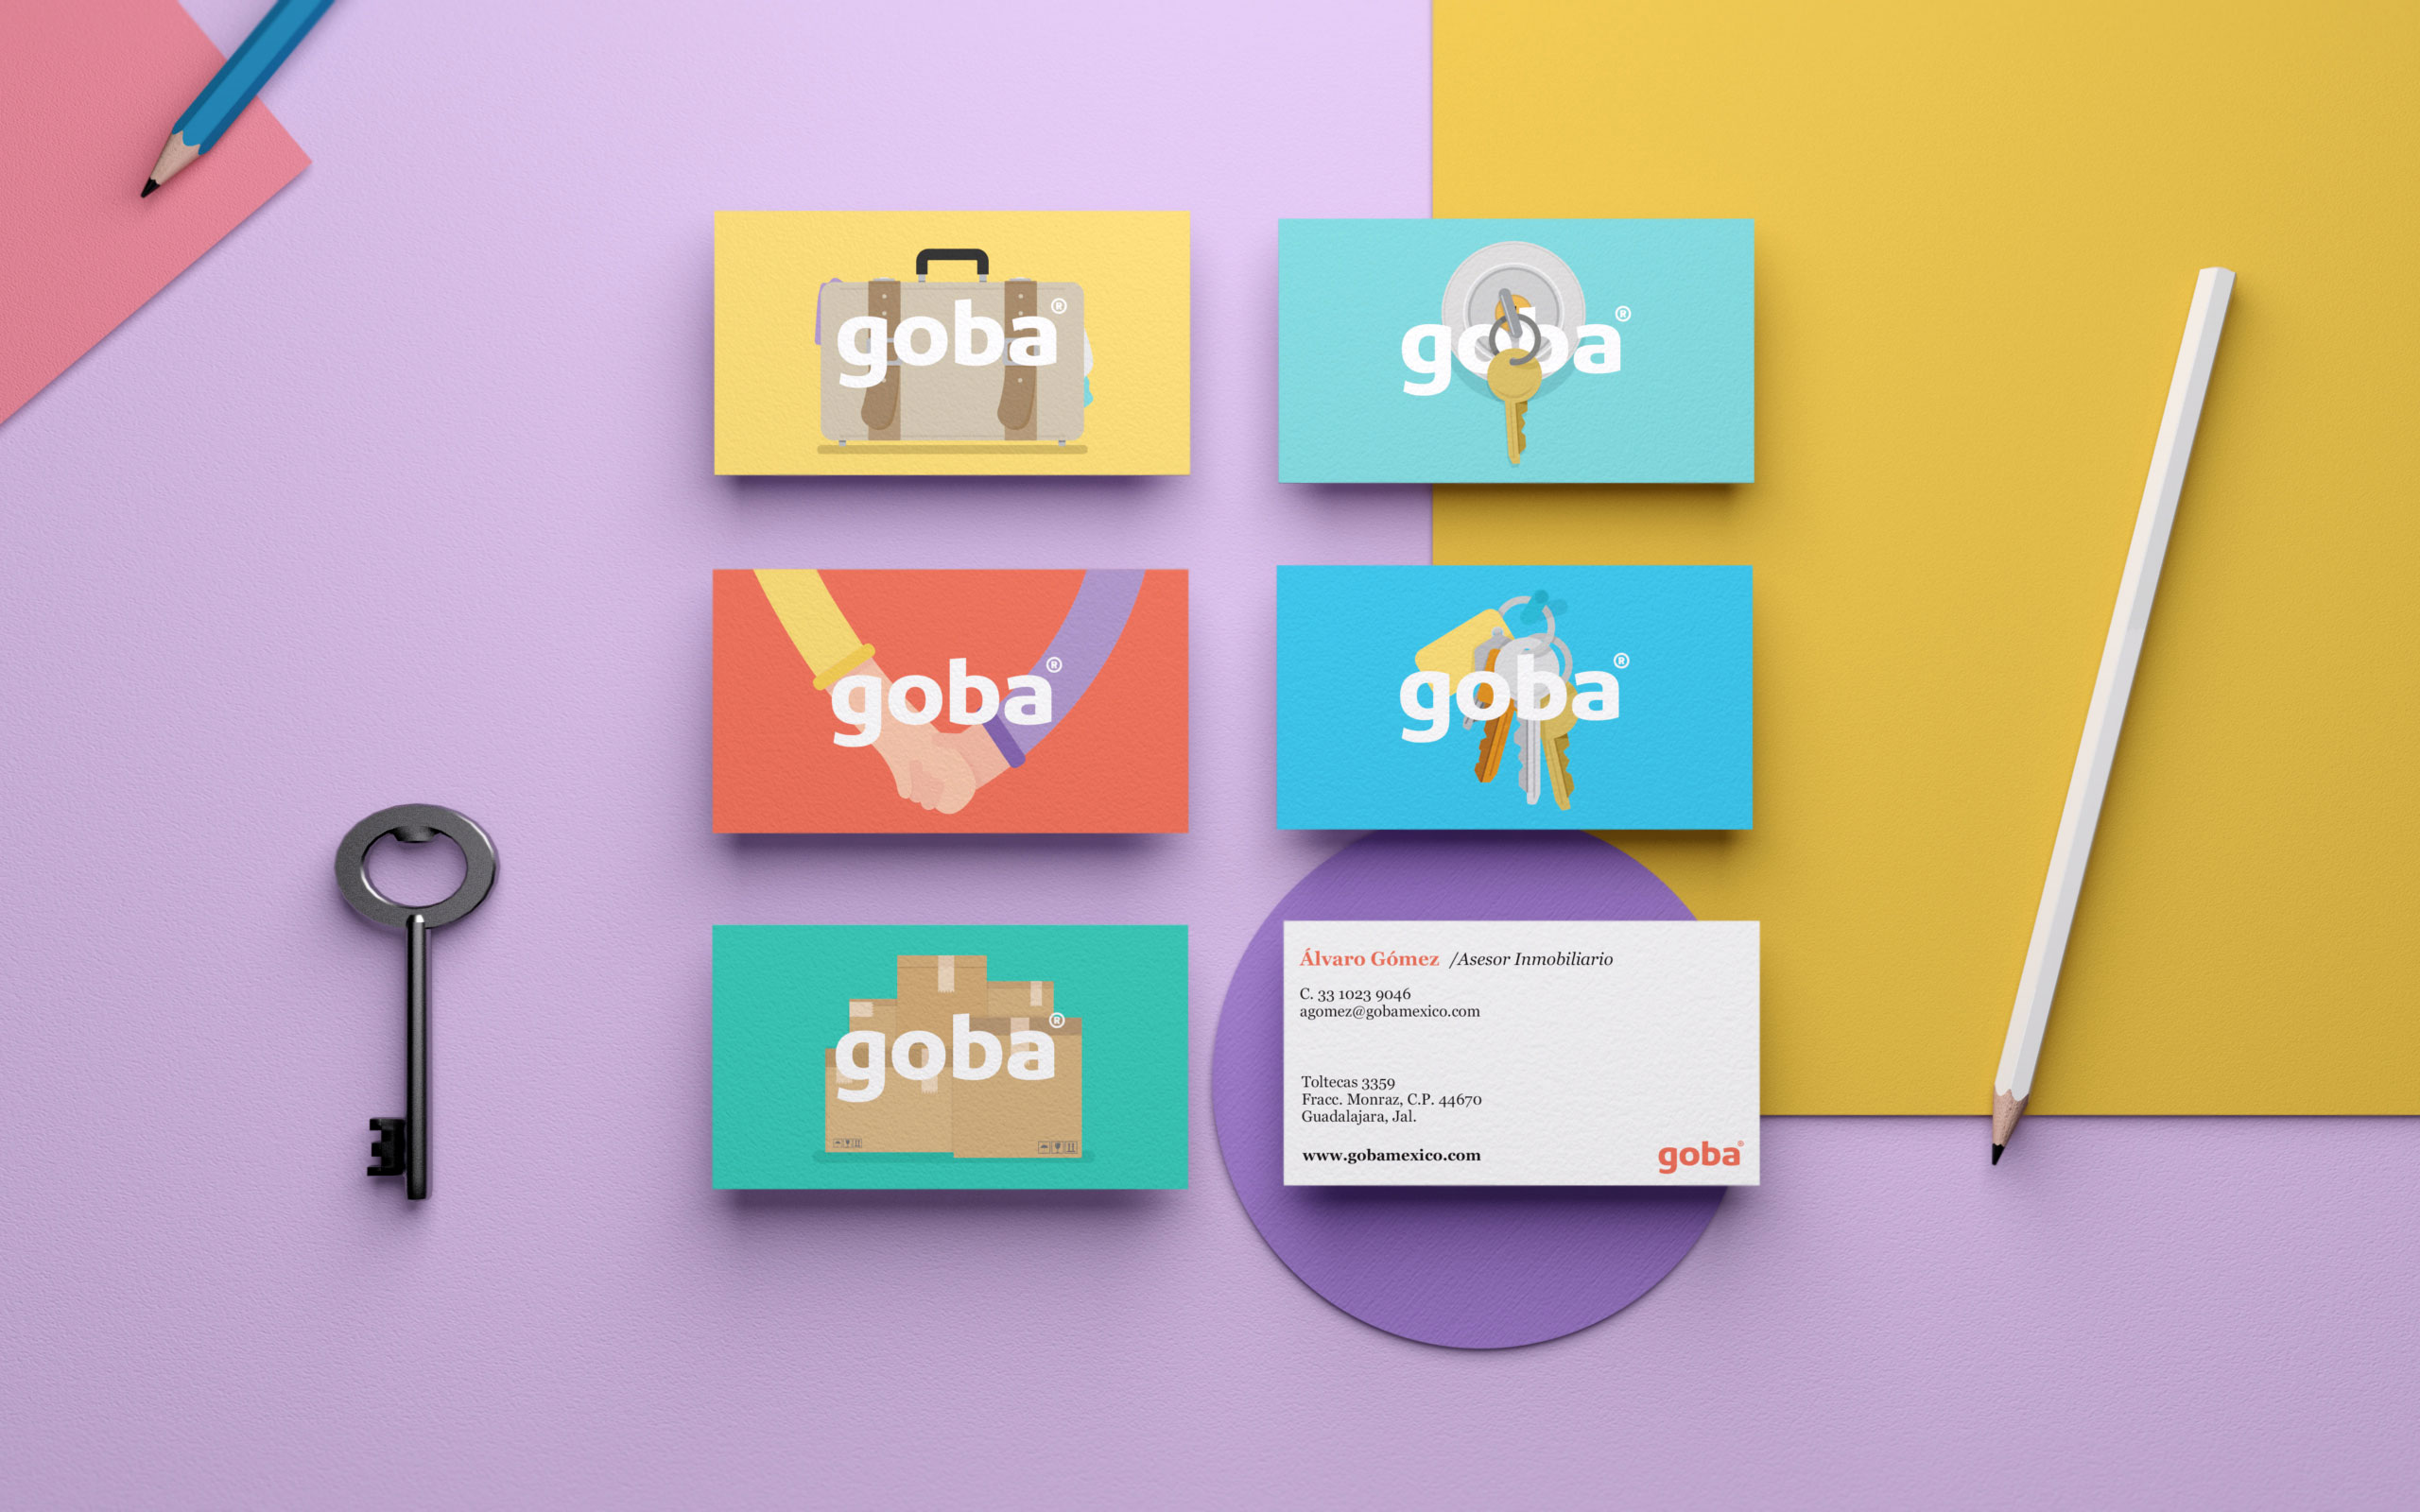 goba-01